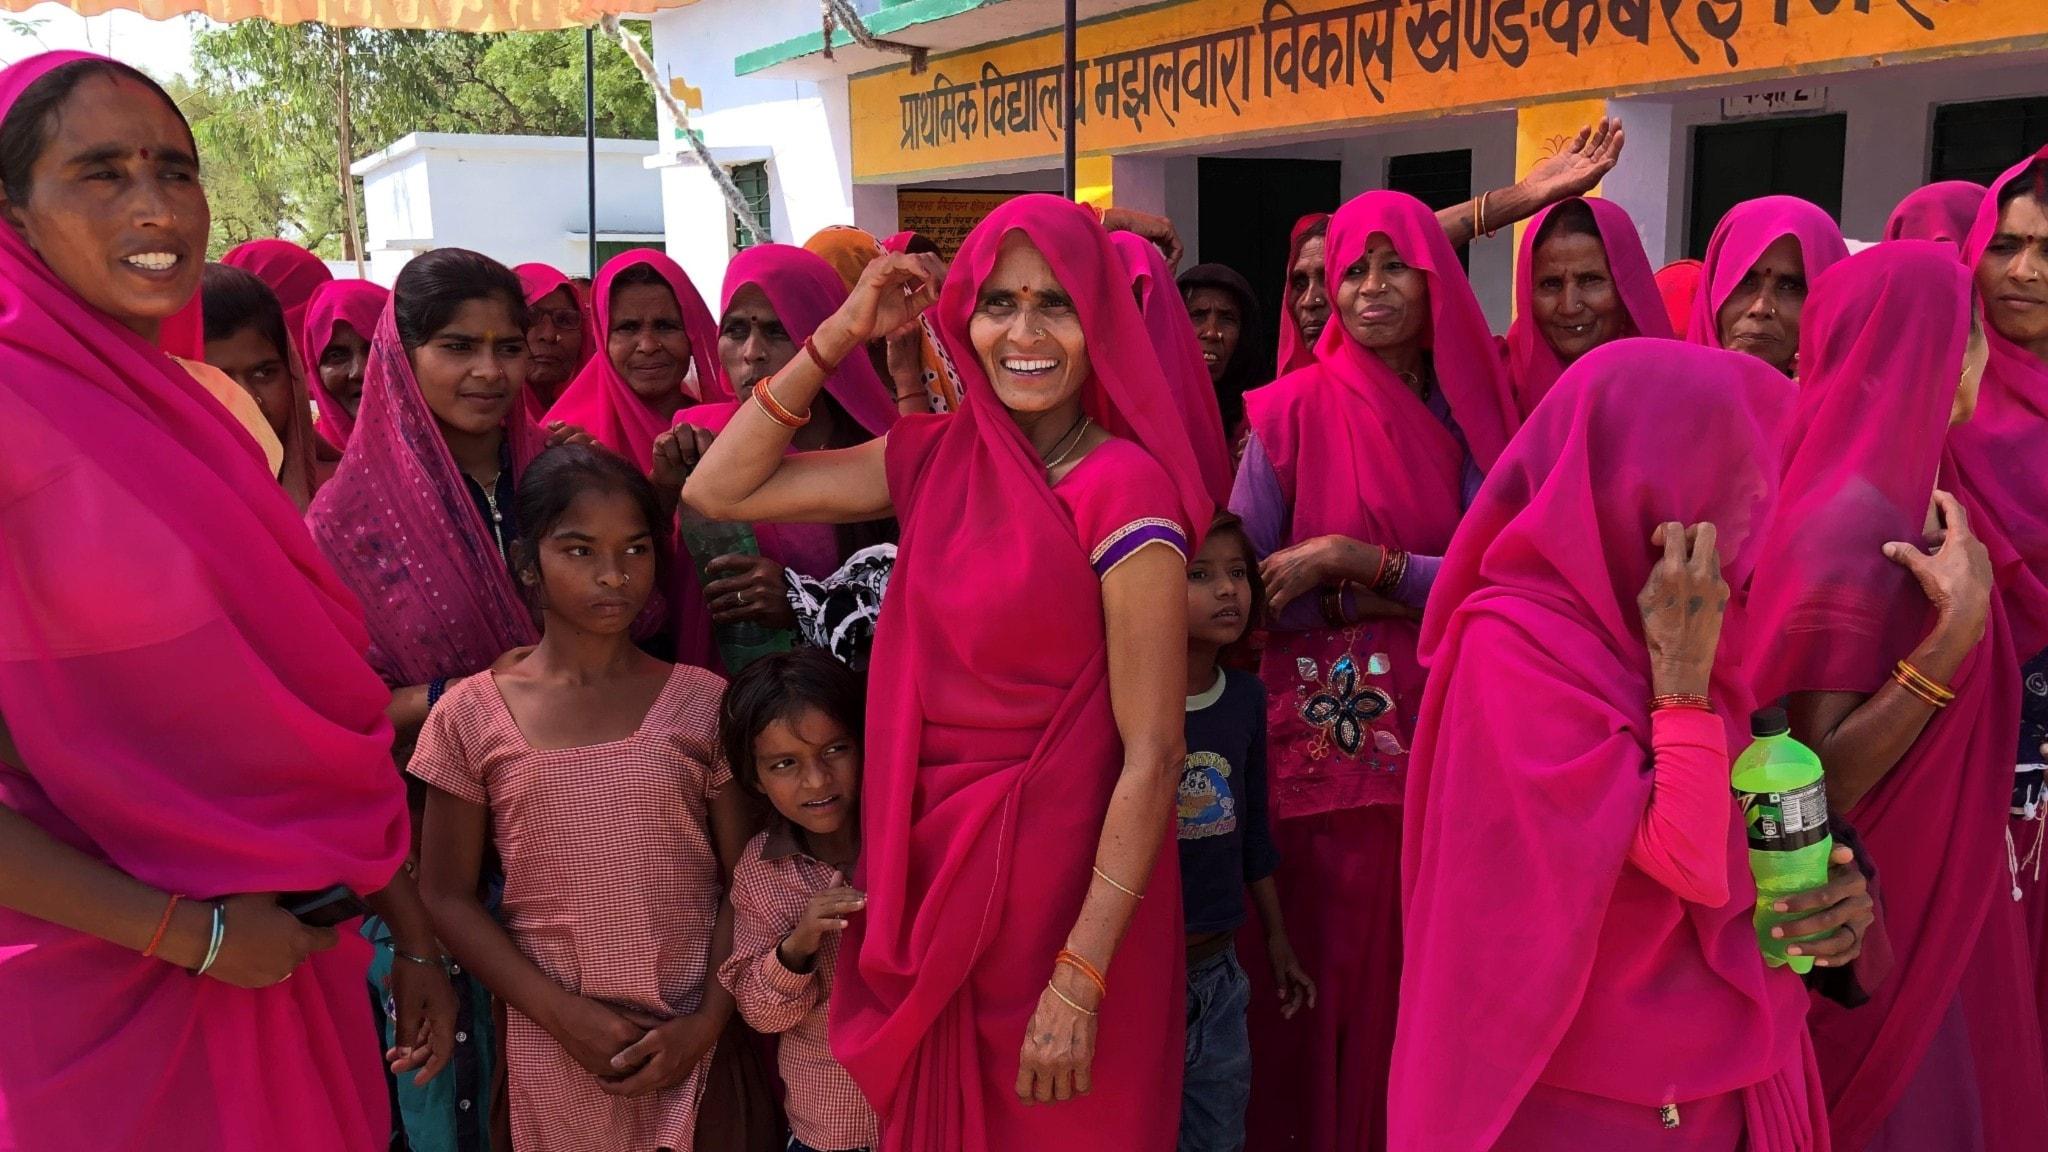 Rosaklädda indiskor har samlats. De tillhör ett så kallat Gulabi Gang som trakasserar män som misshandlar.